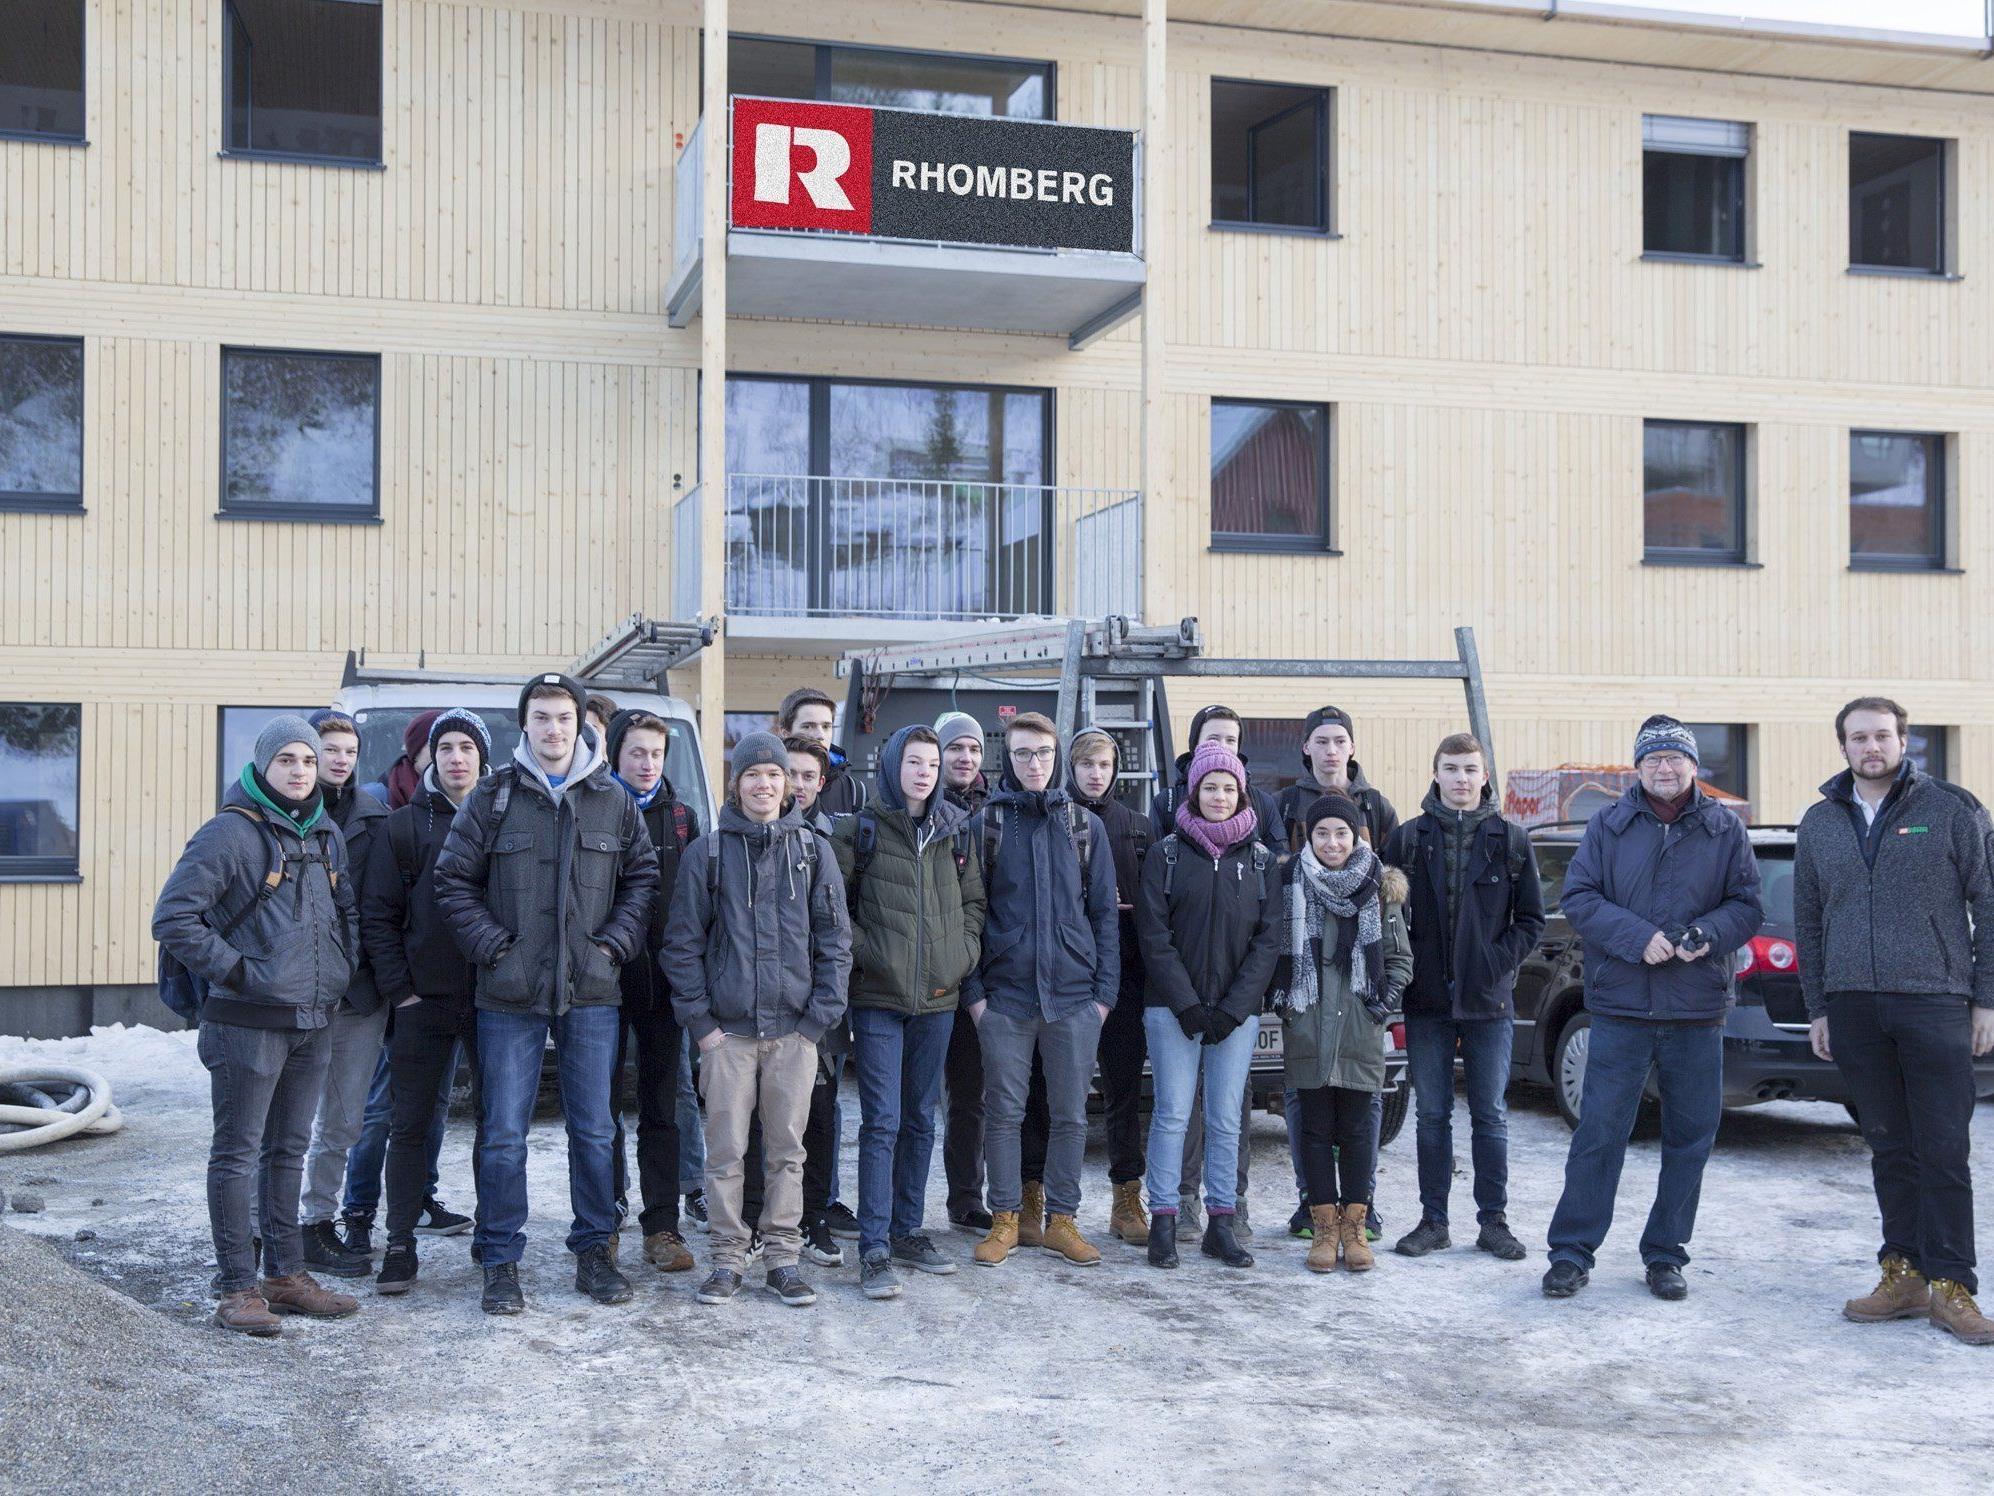 Die Schüler der 3. Klasse der HTL Rankweil besuchten mit ihrem Lehrer Andreas Postner (2. v. r.) die Baustelle vom Rhomberg-Bauleiter und ehemaligen Schüler Alexander Hilbe (ganz rechts) in der Heldenstraße, Feldkirch.